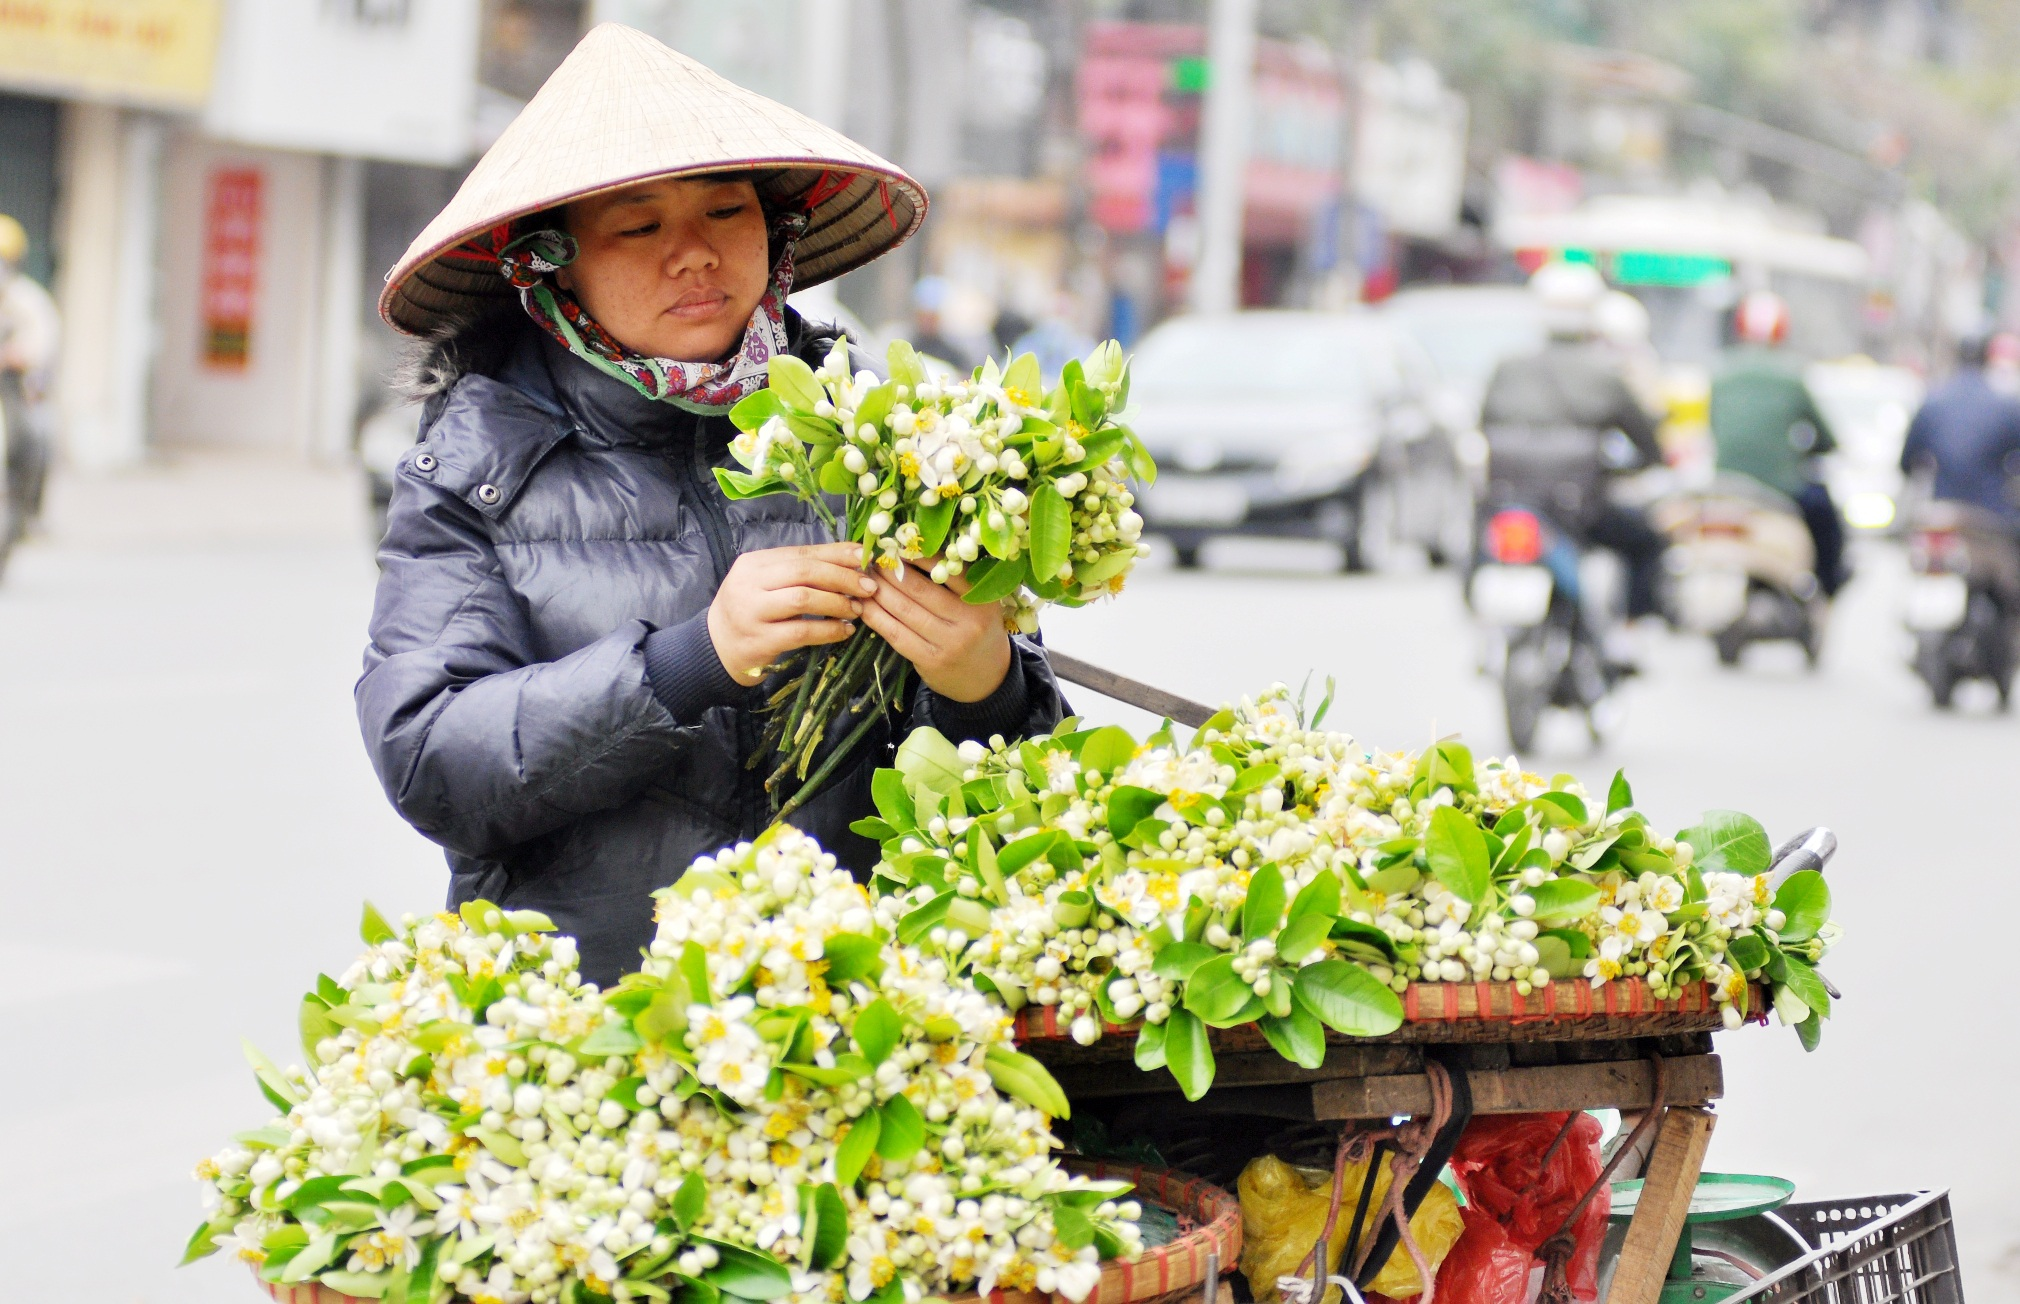 Những ngày này, trên những gánh hàng rong lại ngập tràn sắc trắng tinh khôi của hoa bưởi. Người ta chời đợi mùa hoa bưởi, như chờ đợi cả khúc giao mùa với chút lãng đãng, bình yên trên từng gánh hàng rong chở hoa trắng muốt